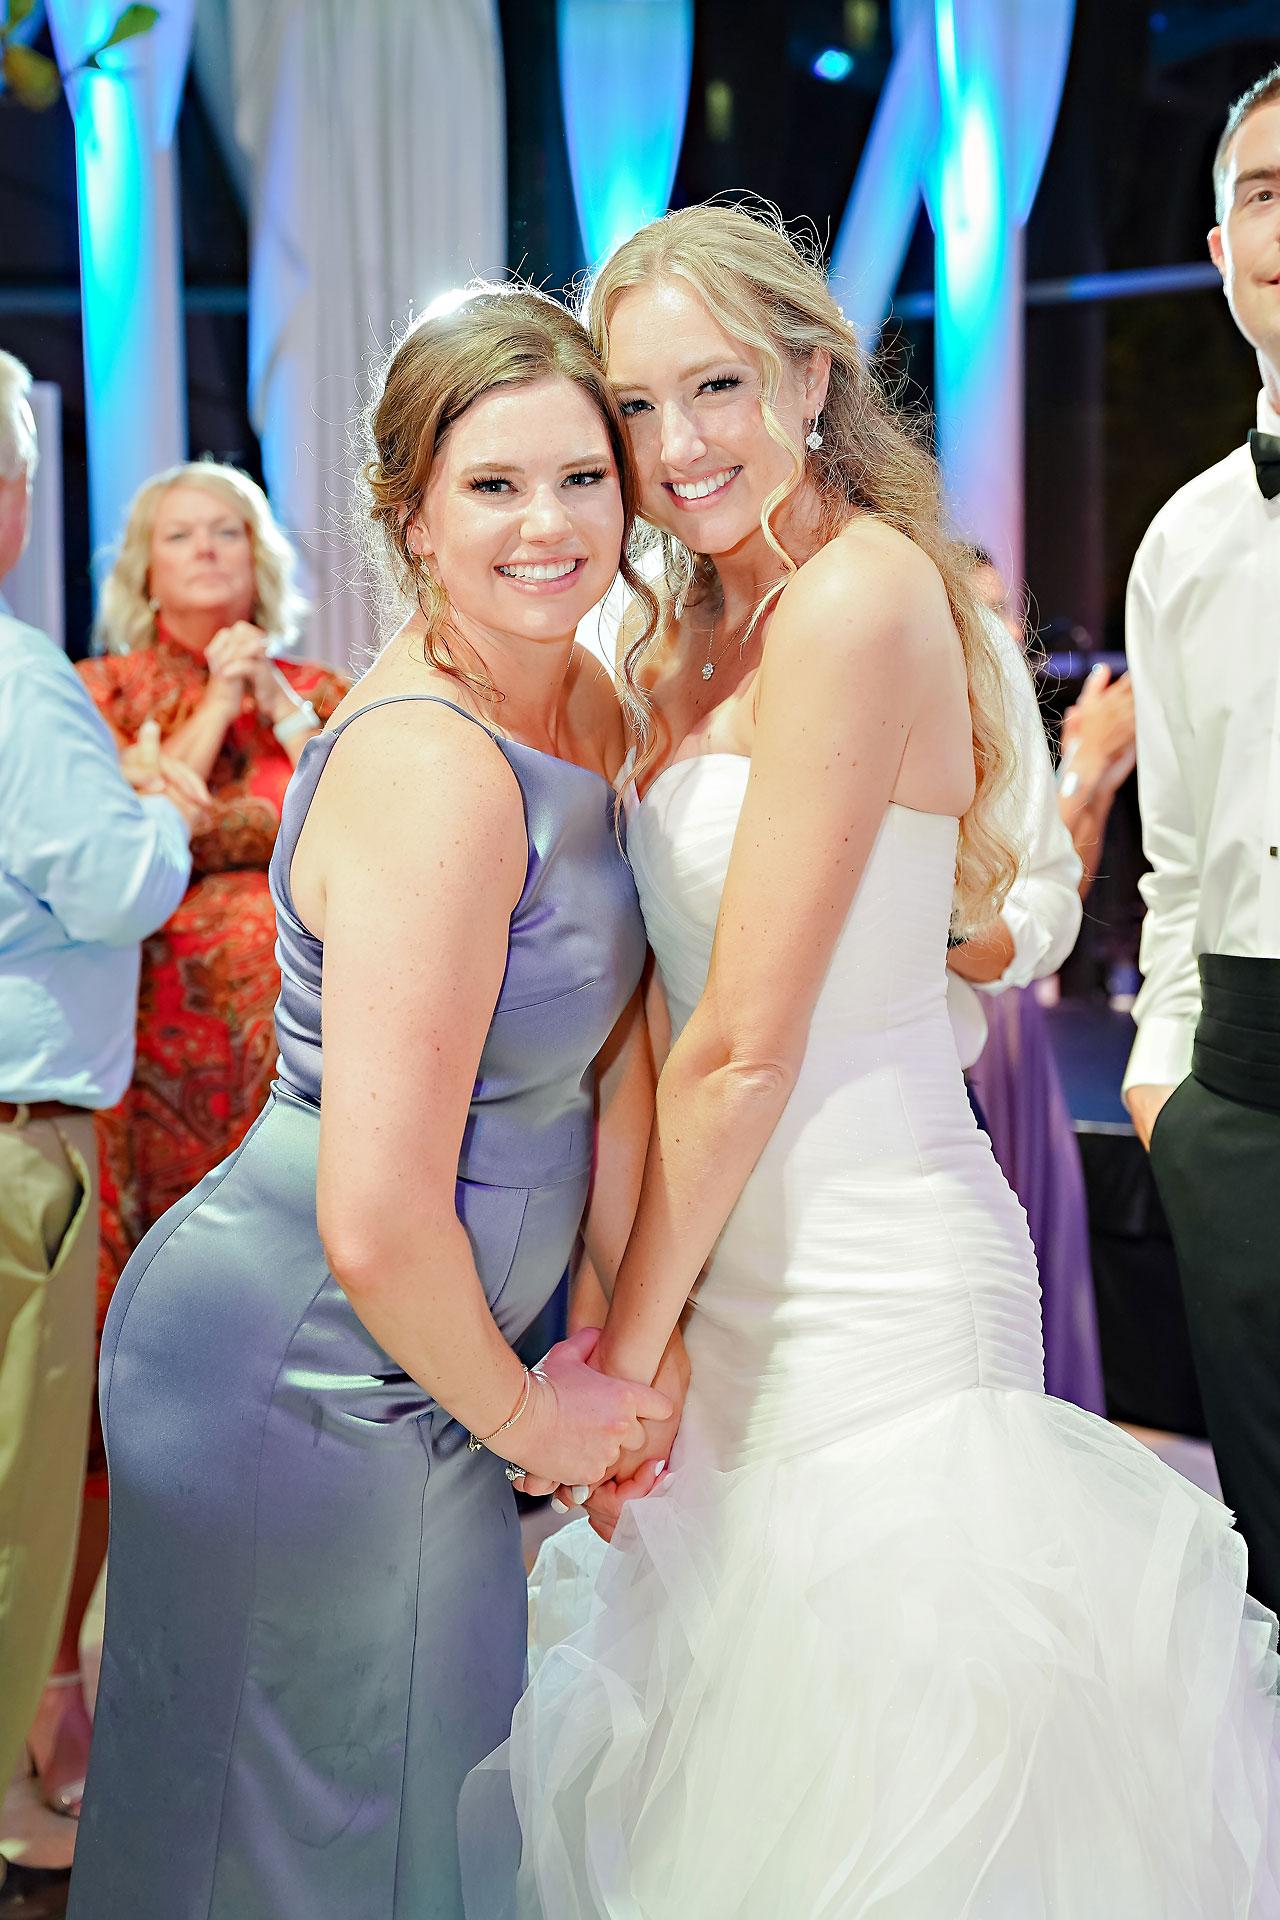 Liz Zach Conrad Artsgarden Indianapolis Wedding 282